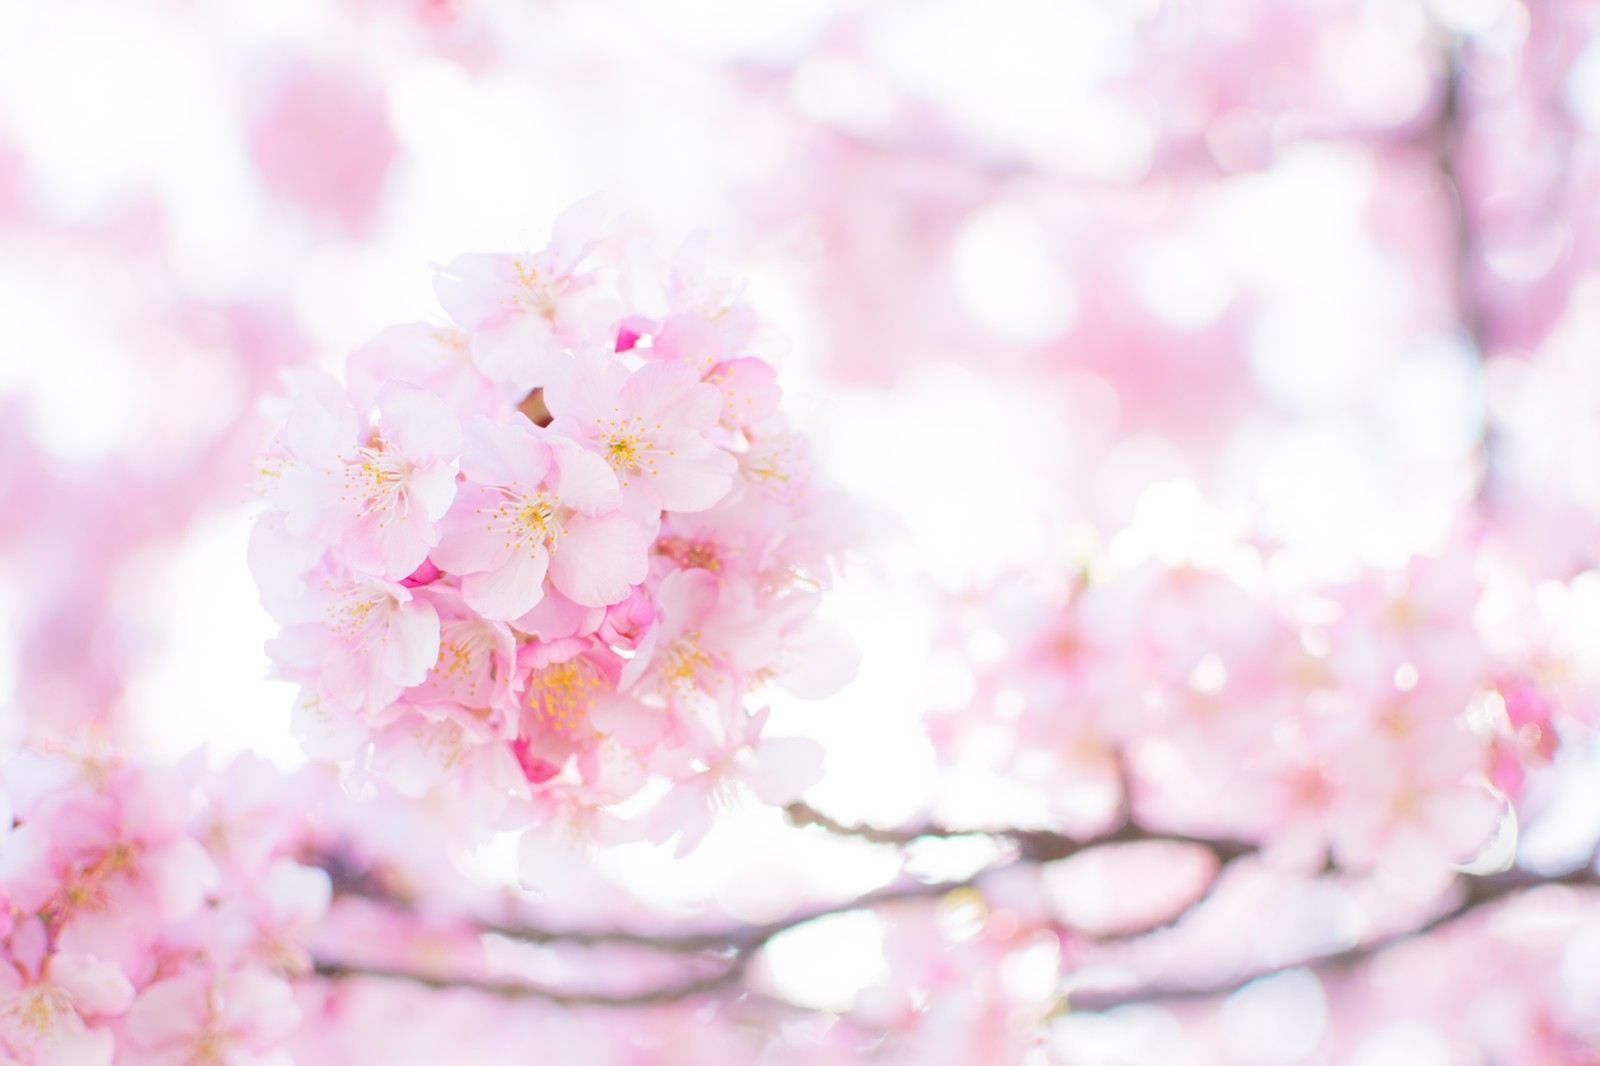 新生活スタートの春ですね(*^^)v